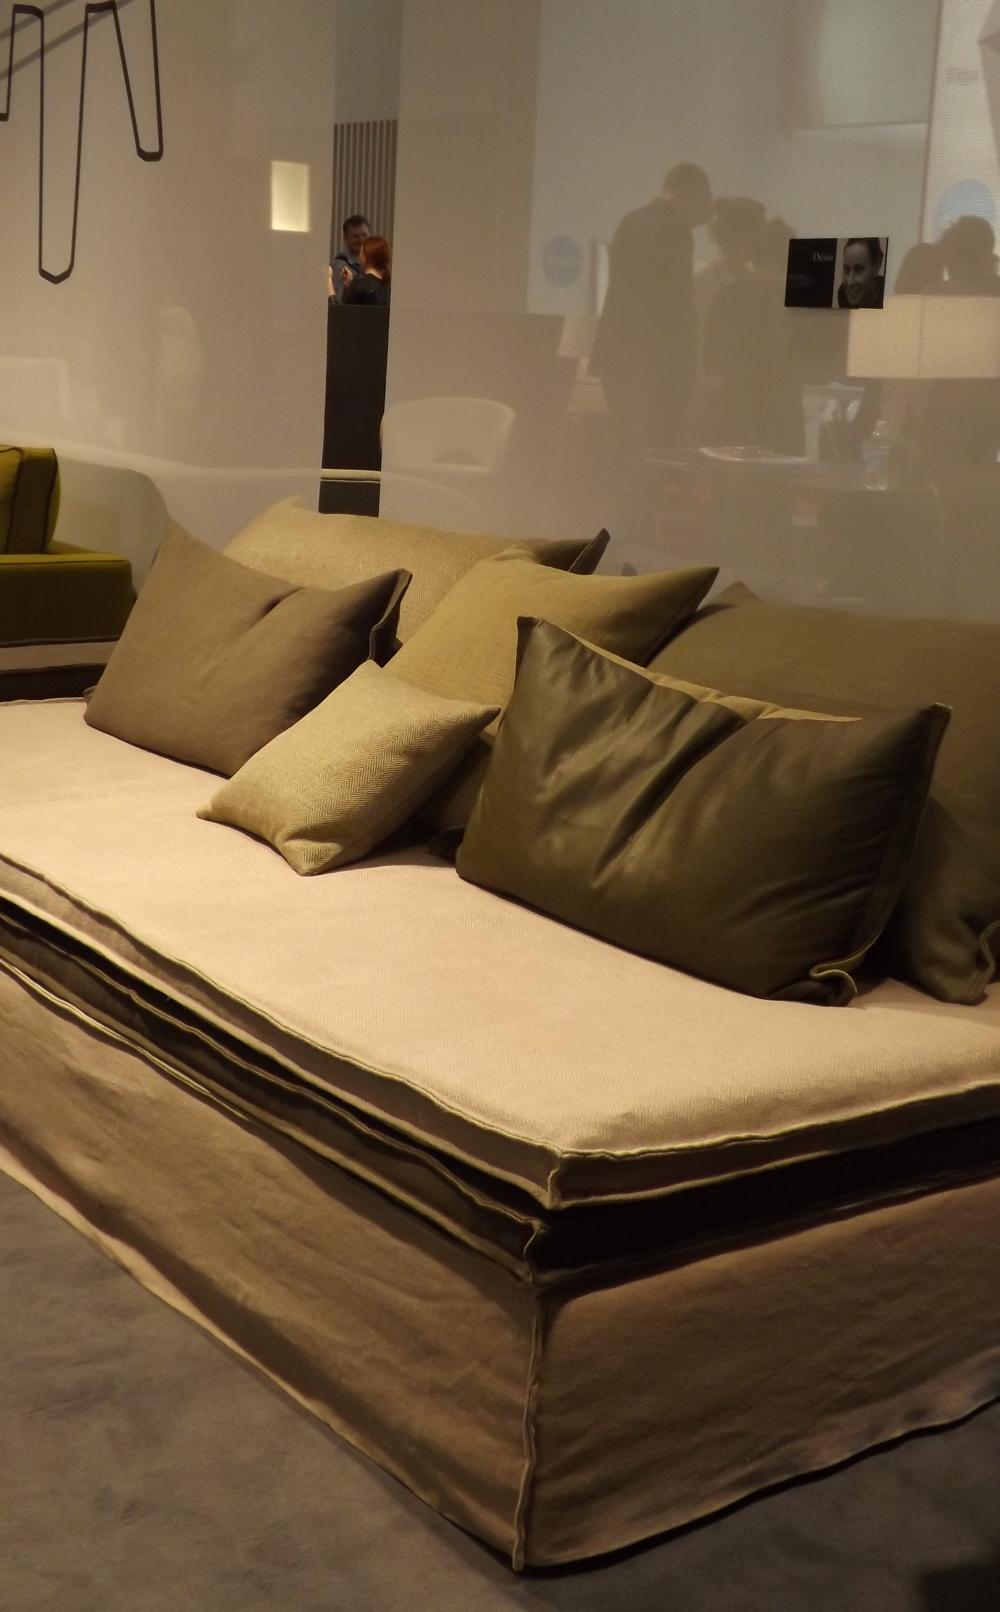 5 tendències en mobiliari i decoració que marca Milà: tocs envellits o gastats en teixits i catifes. Un article de Sese Jover Interiors